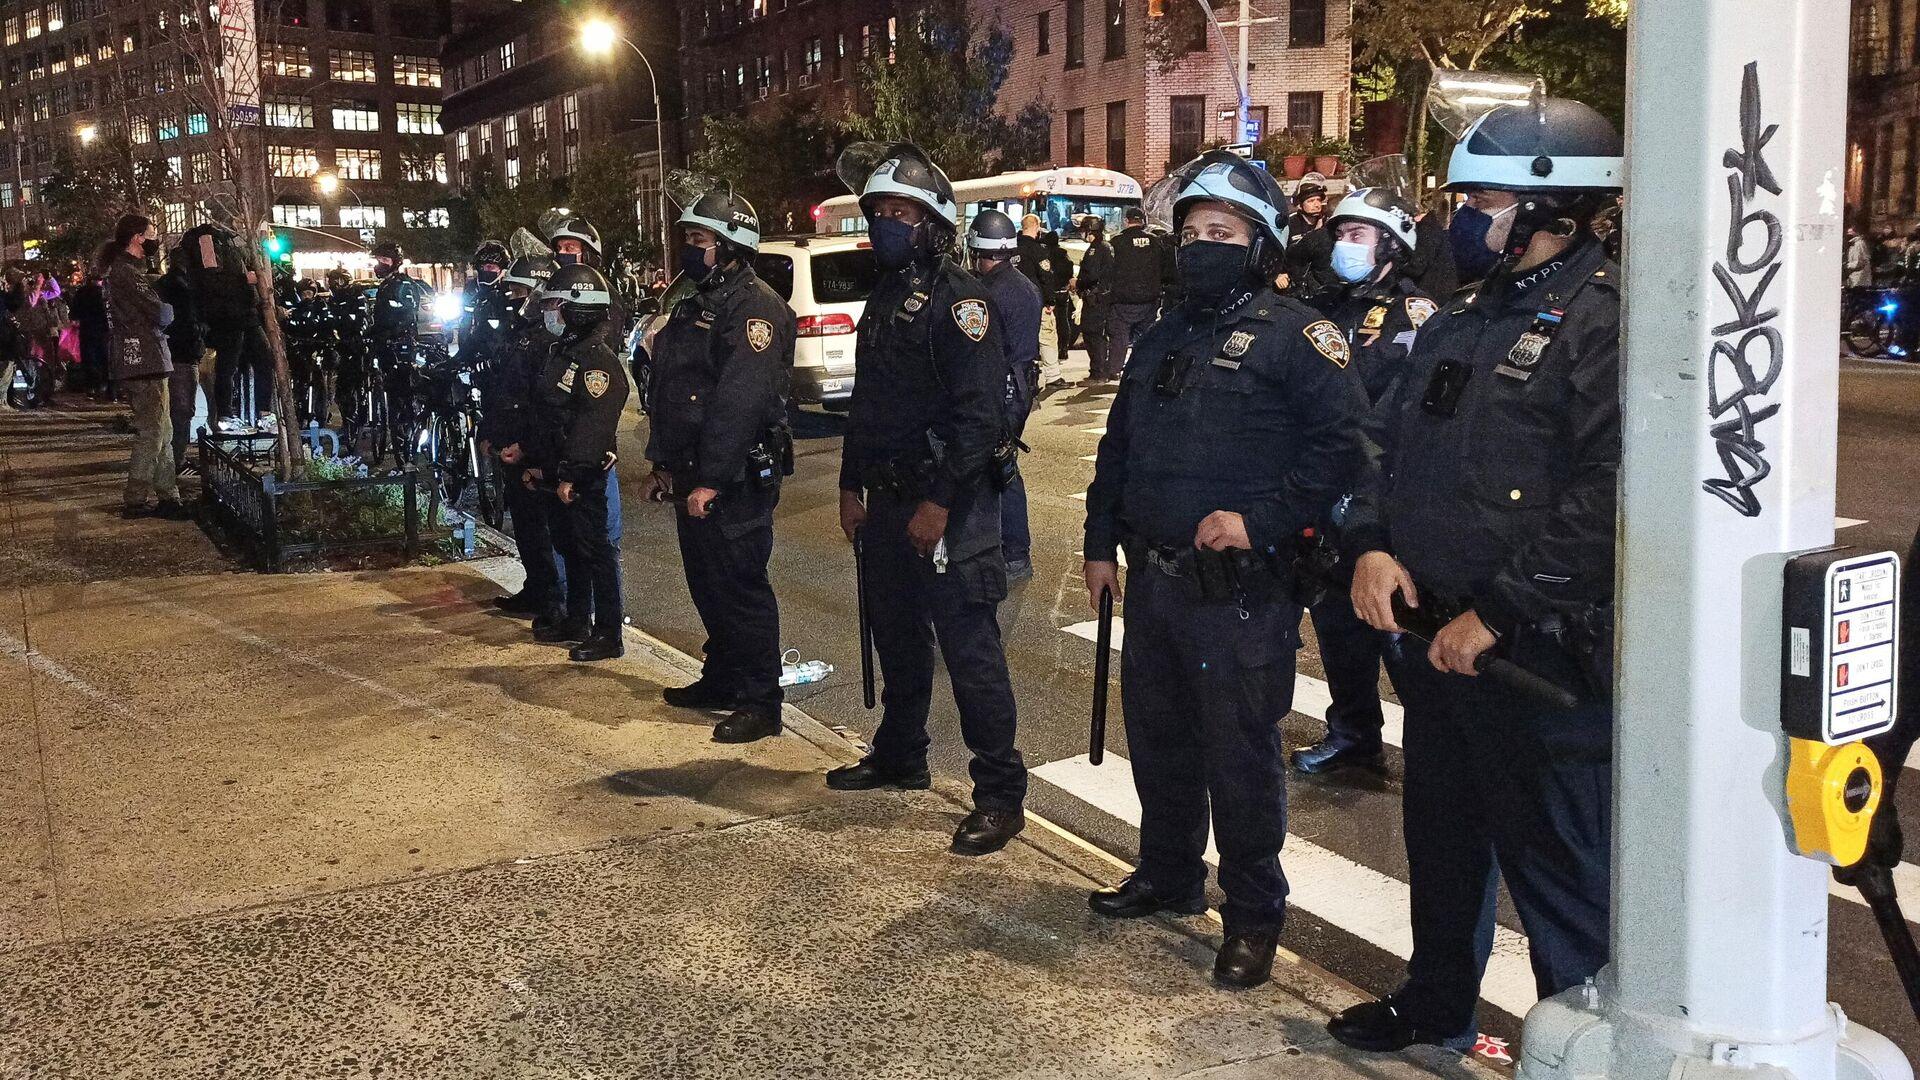 Сотрудники полиции на улице Нью-Йорка в ночь подсчета голосов на выборах президента США - РИА Новости, 1920, 05.11.2020